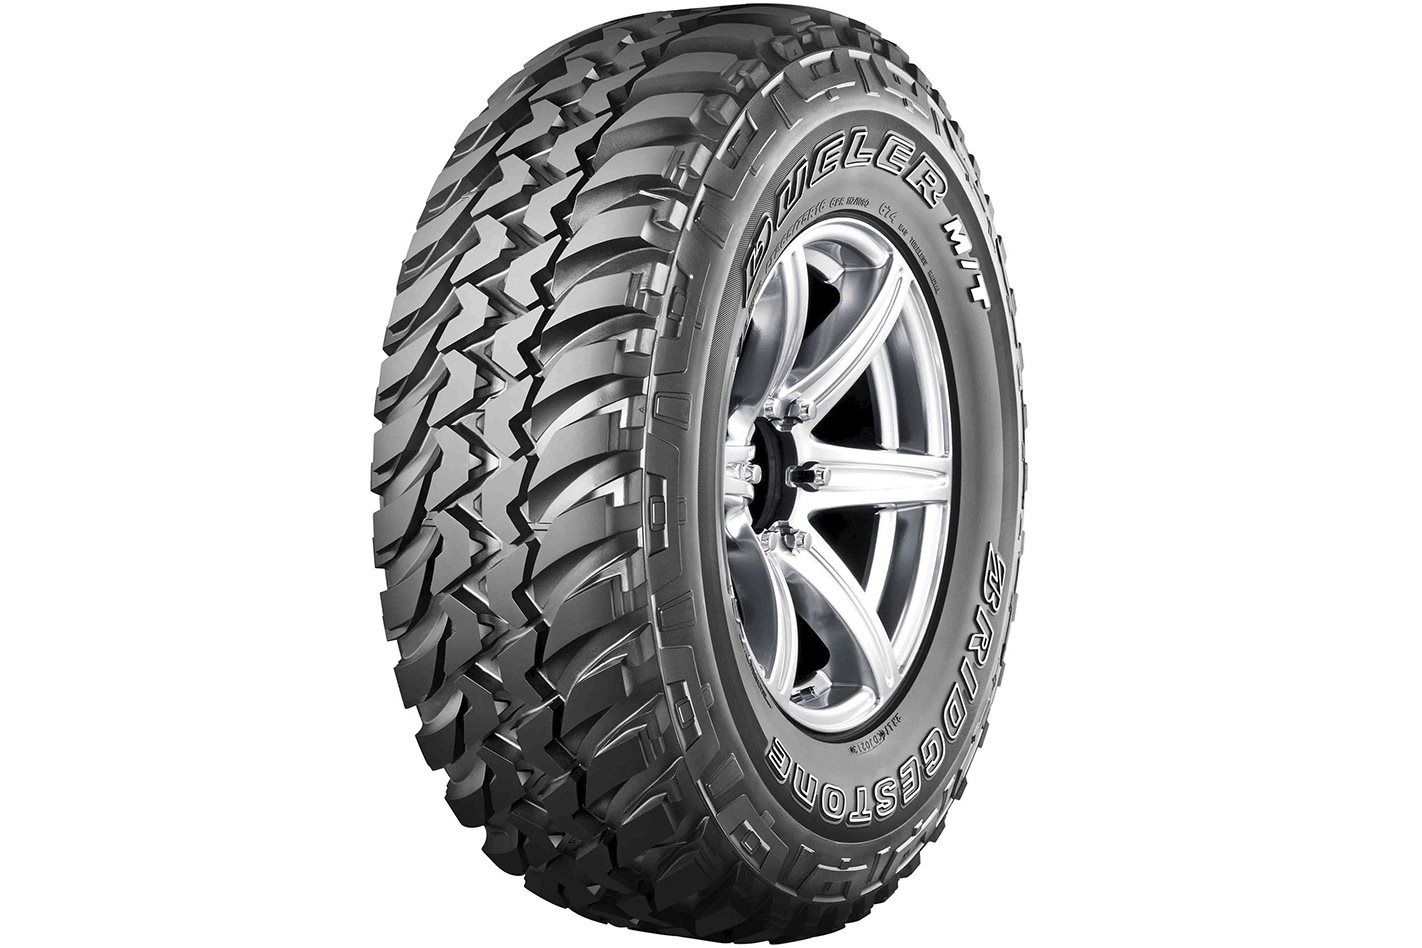 Bridgestone Dueler MT 694 tyre